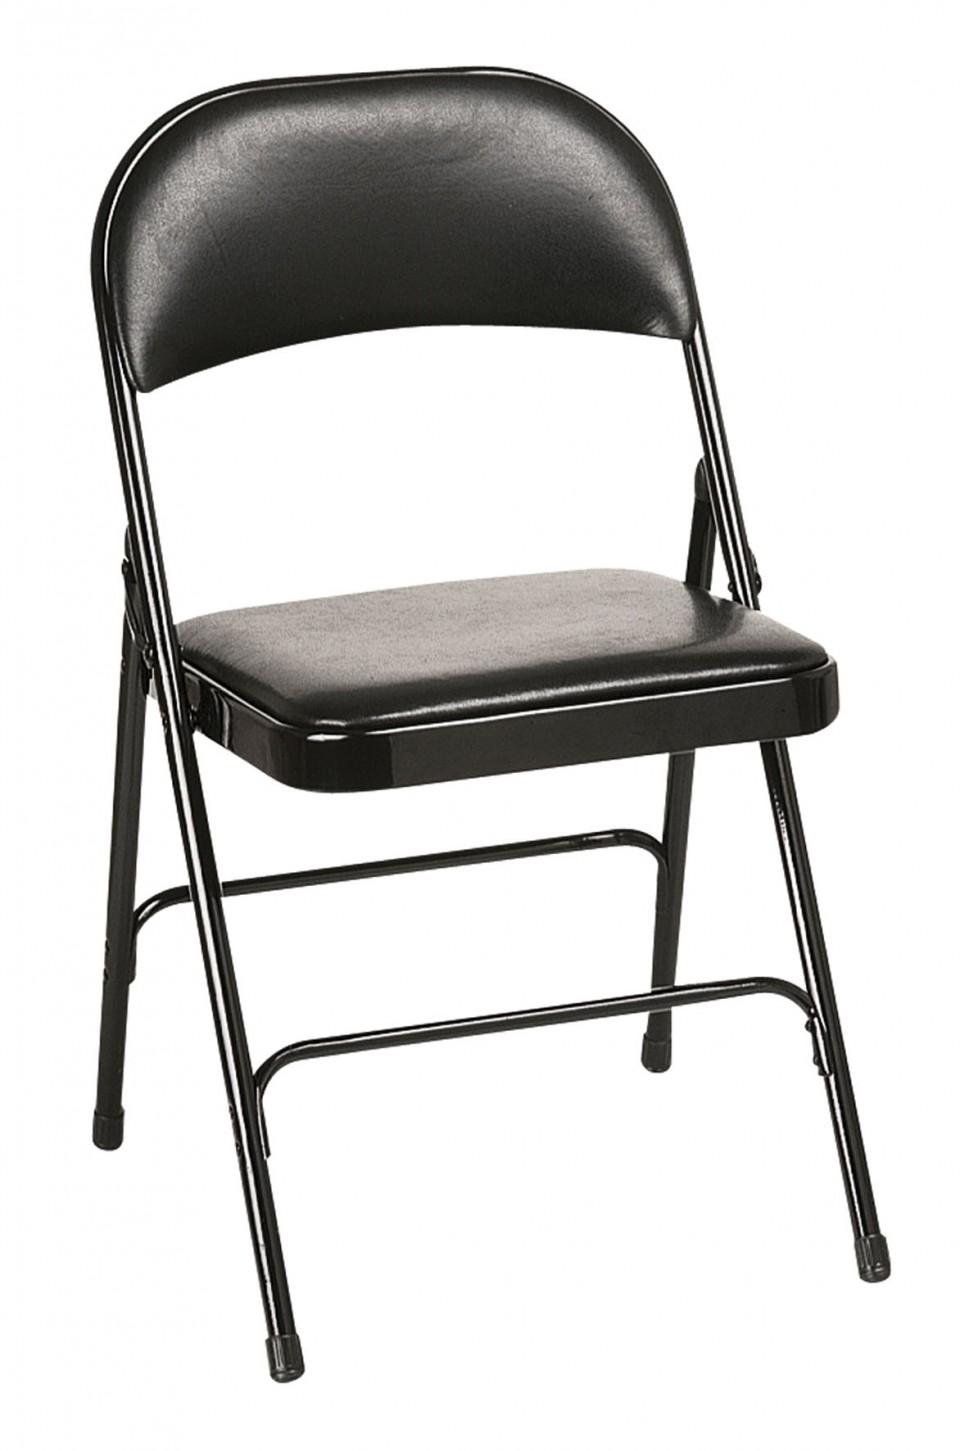 chaise pliante plius vinyl achat chaise pliante votre mobilier collectivite 34 00. Black Bedroom Furniture Sets. Home Design Ideas